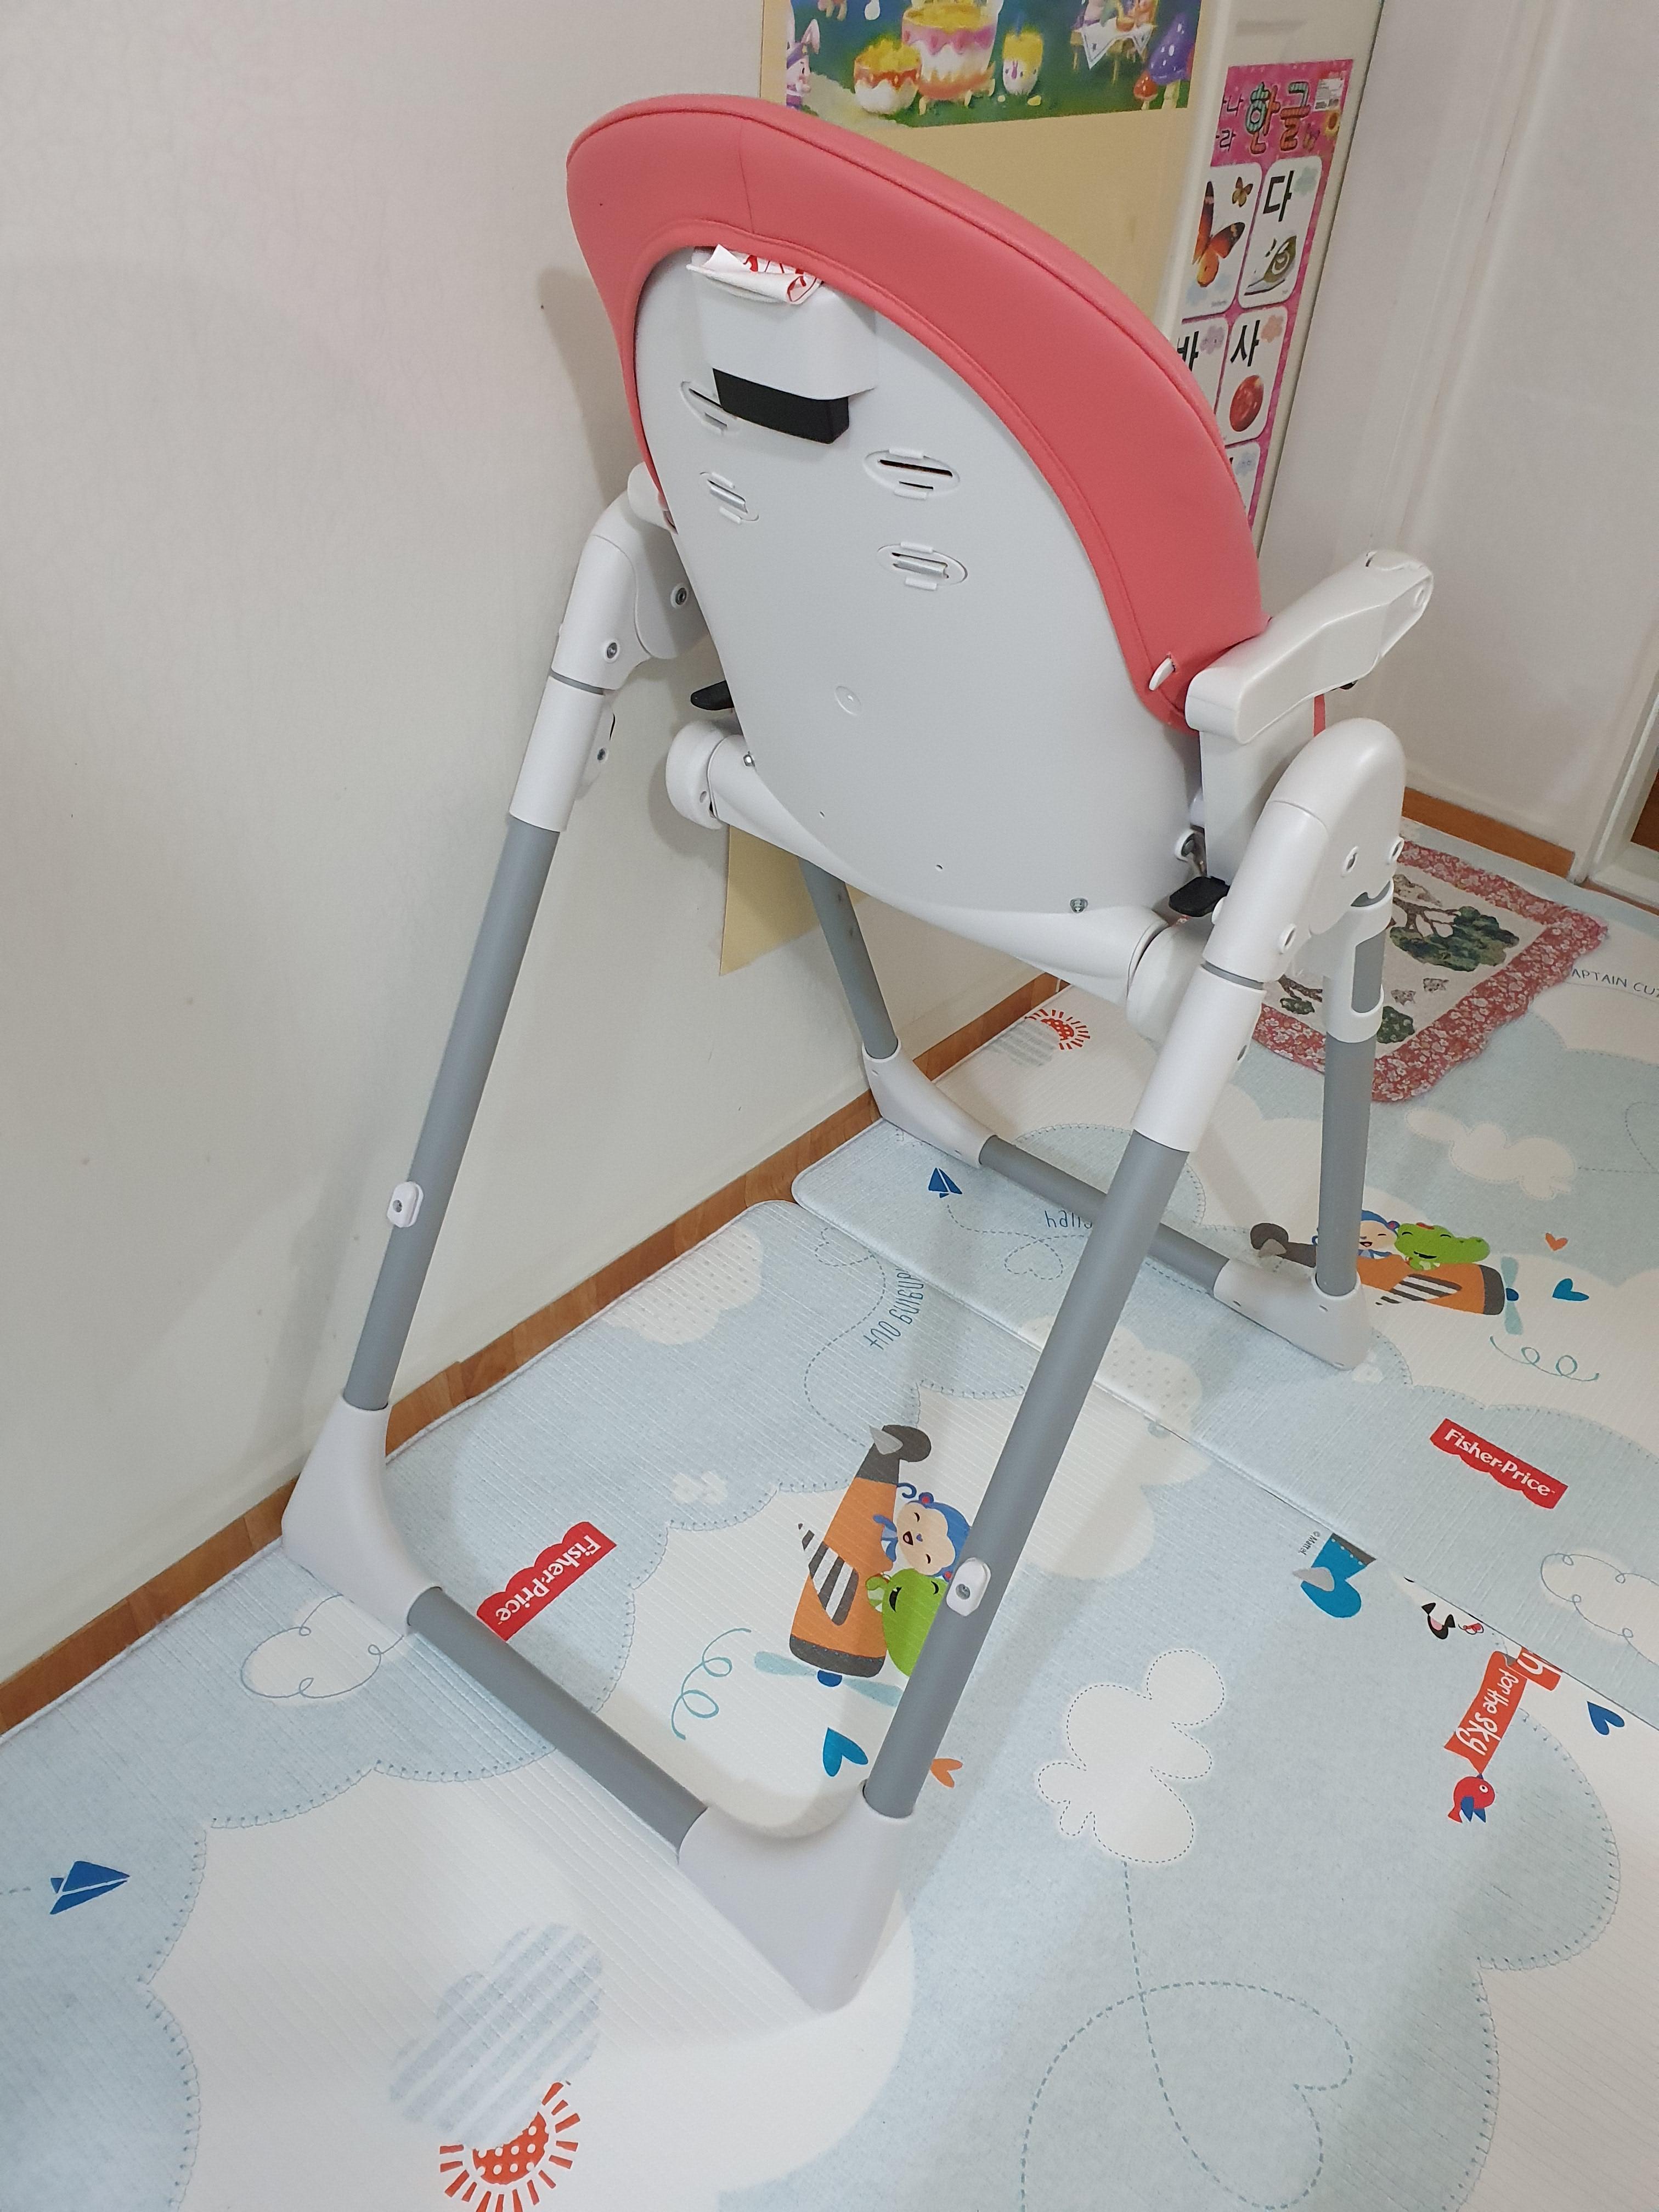 유아 식탁 의자 다리에 모서리 보호대를 붙이다.